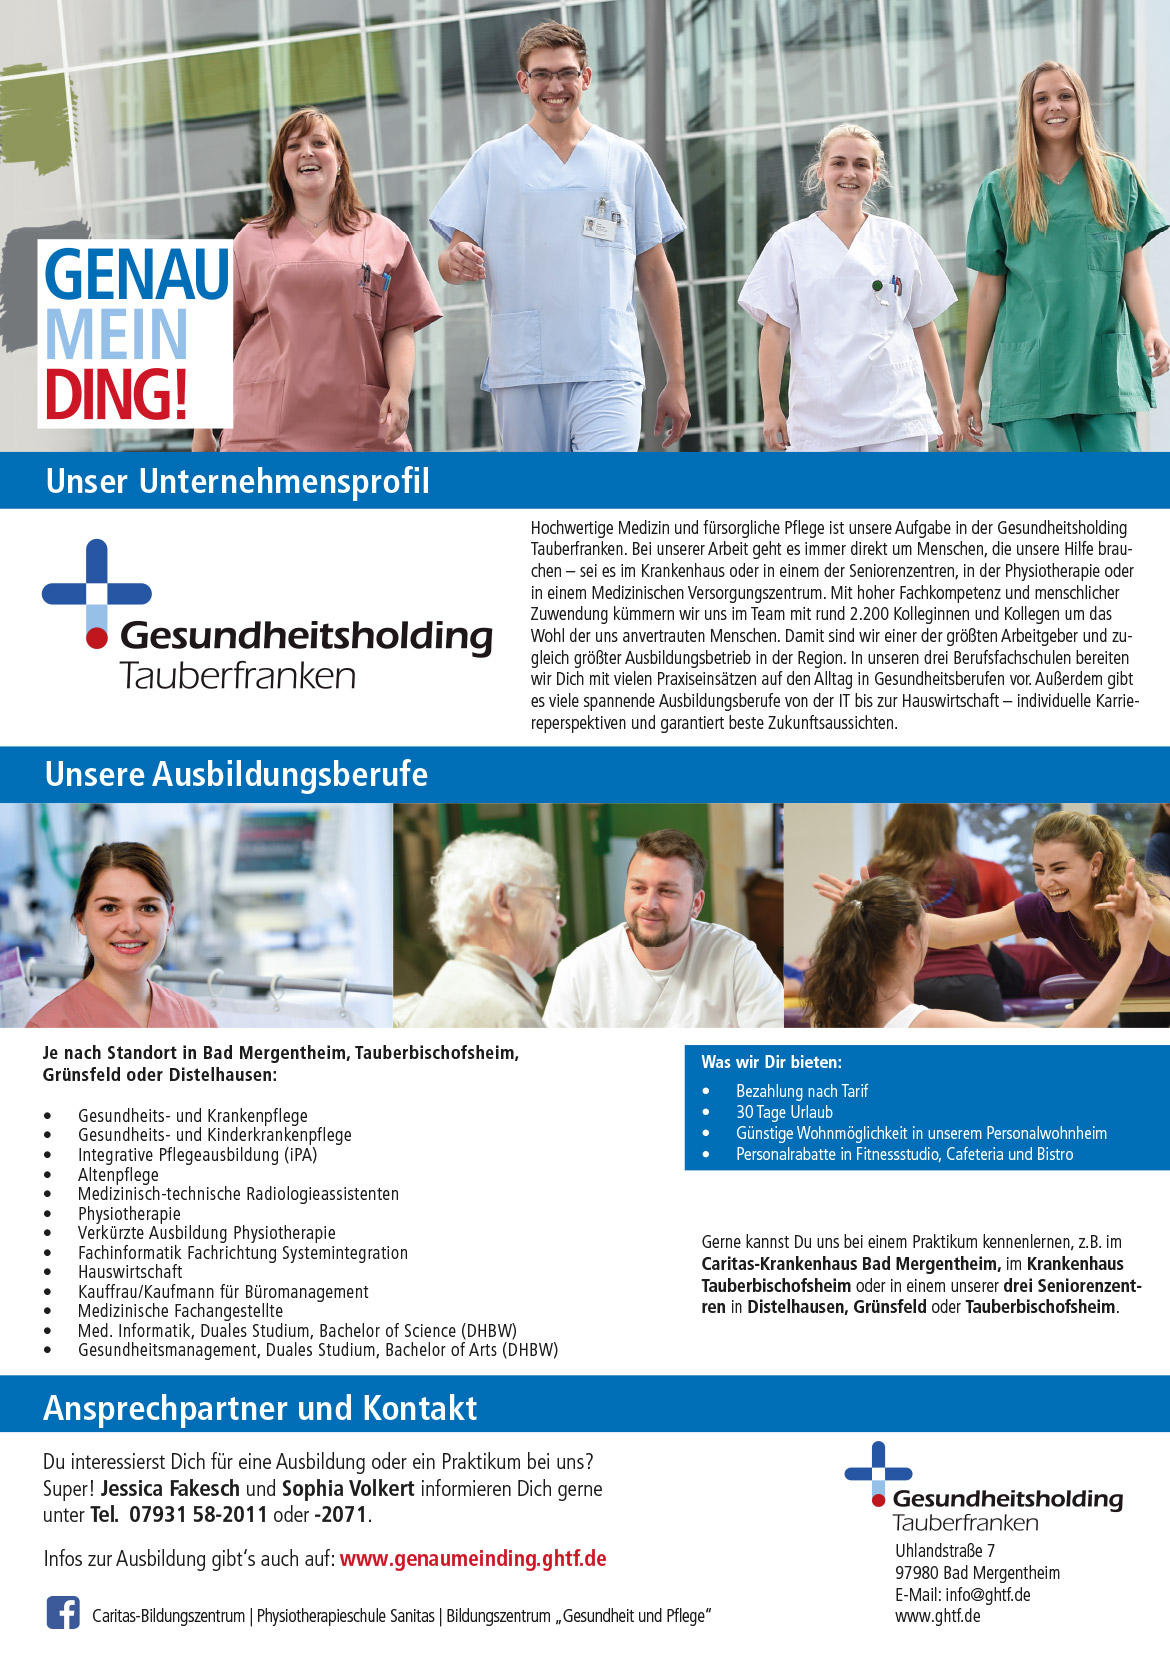 Ausbildungsplakat: Gesundheitsholding Tauberfranken